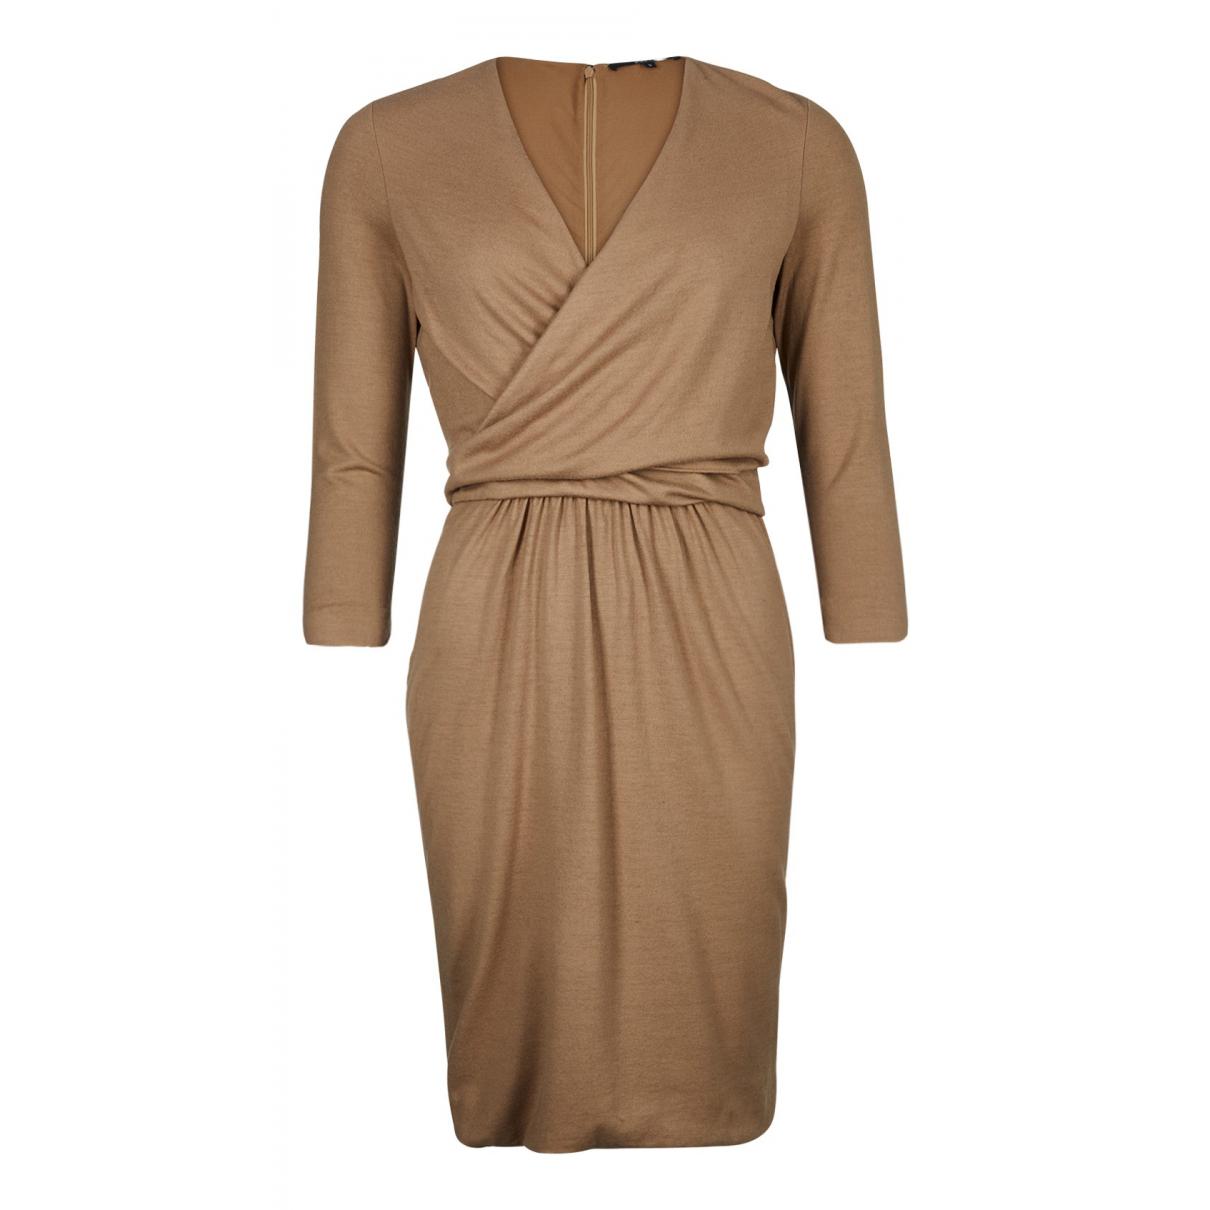 Gucci \N Kleid in  Beige Baumwolle